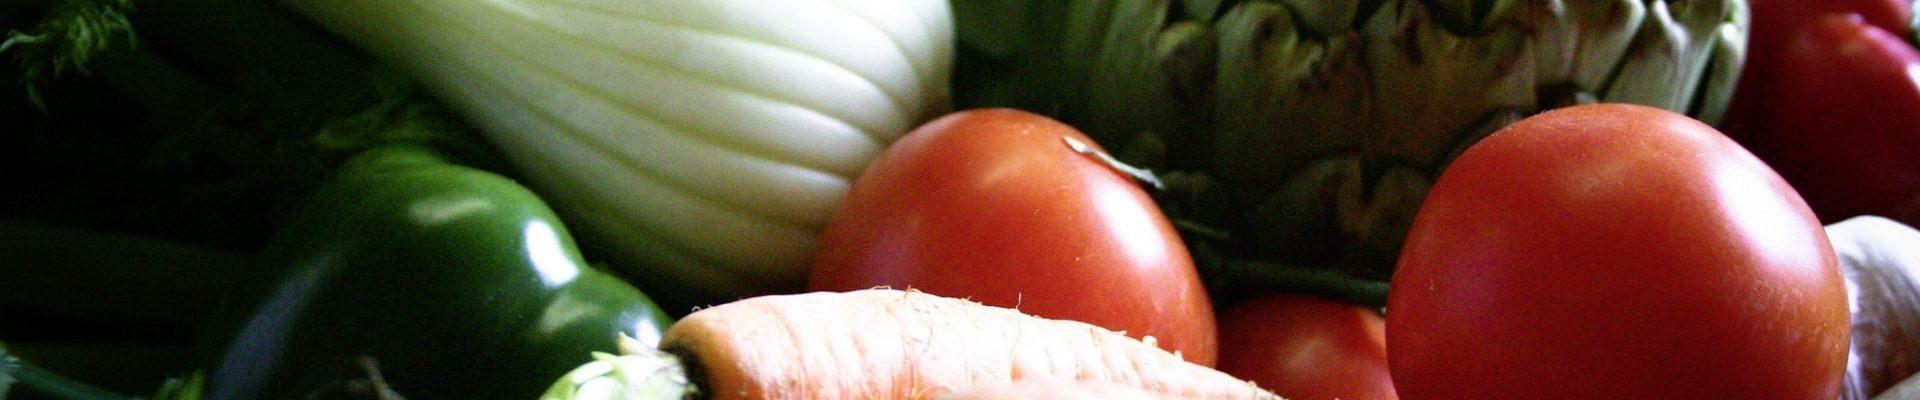 Des paniers de fruits et légumes près de chez vous